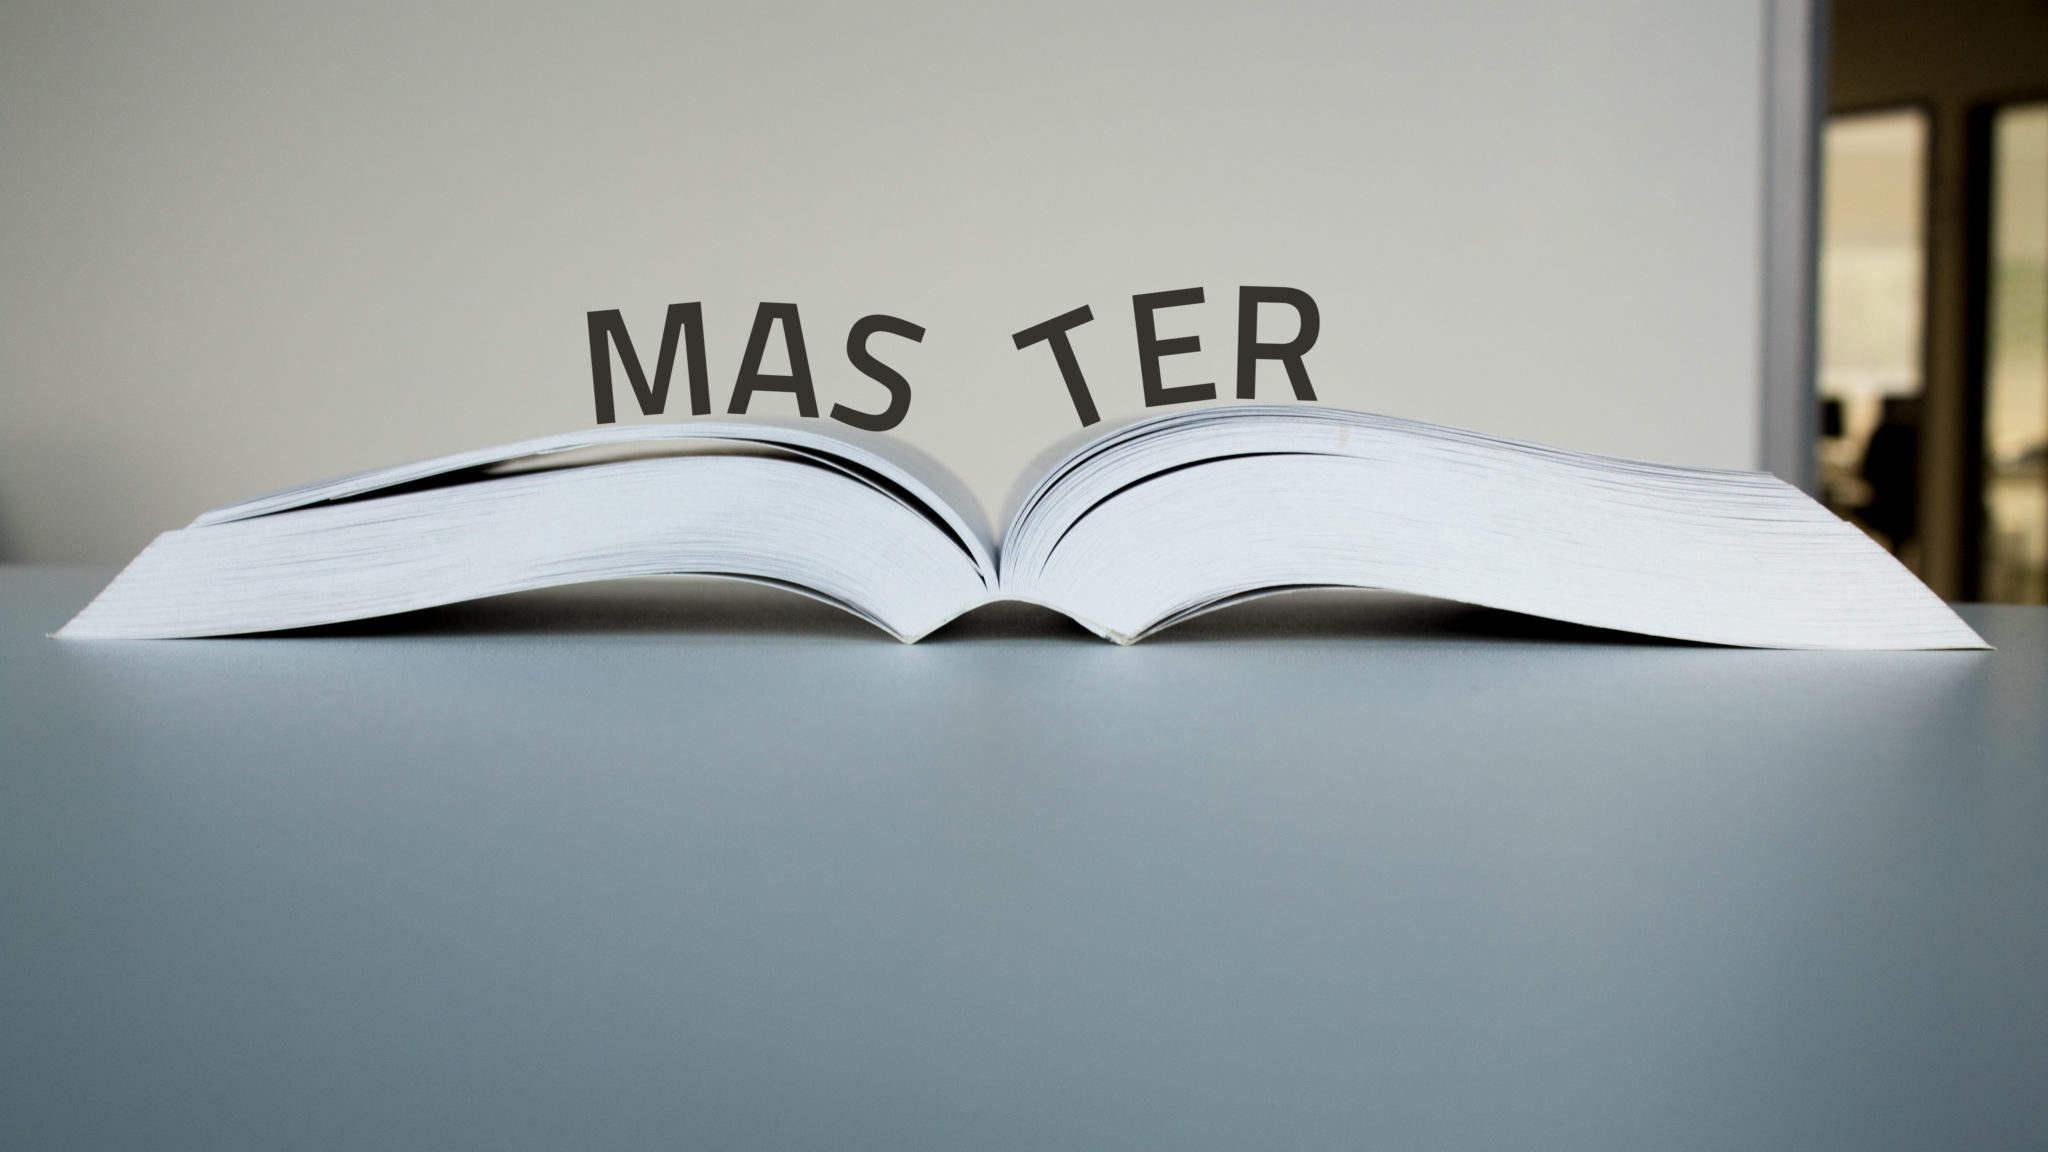 Master Buch AKL-tec